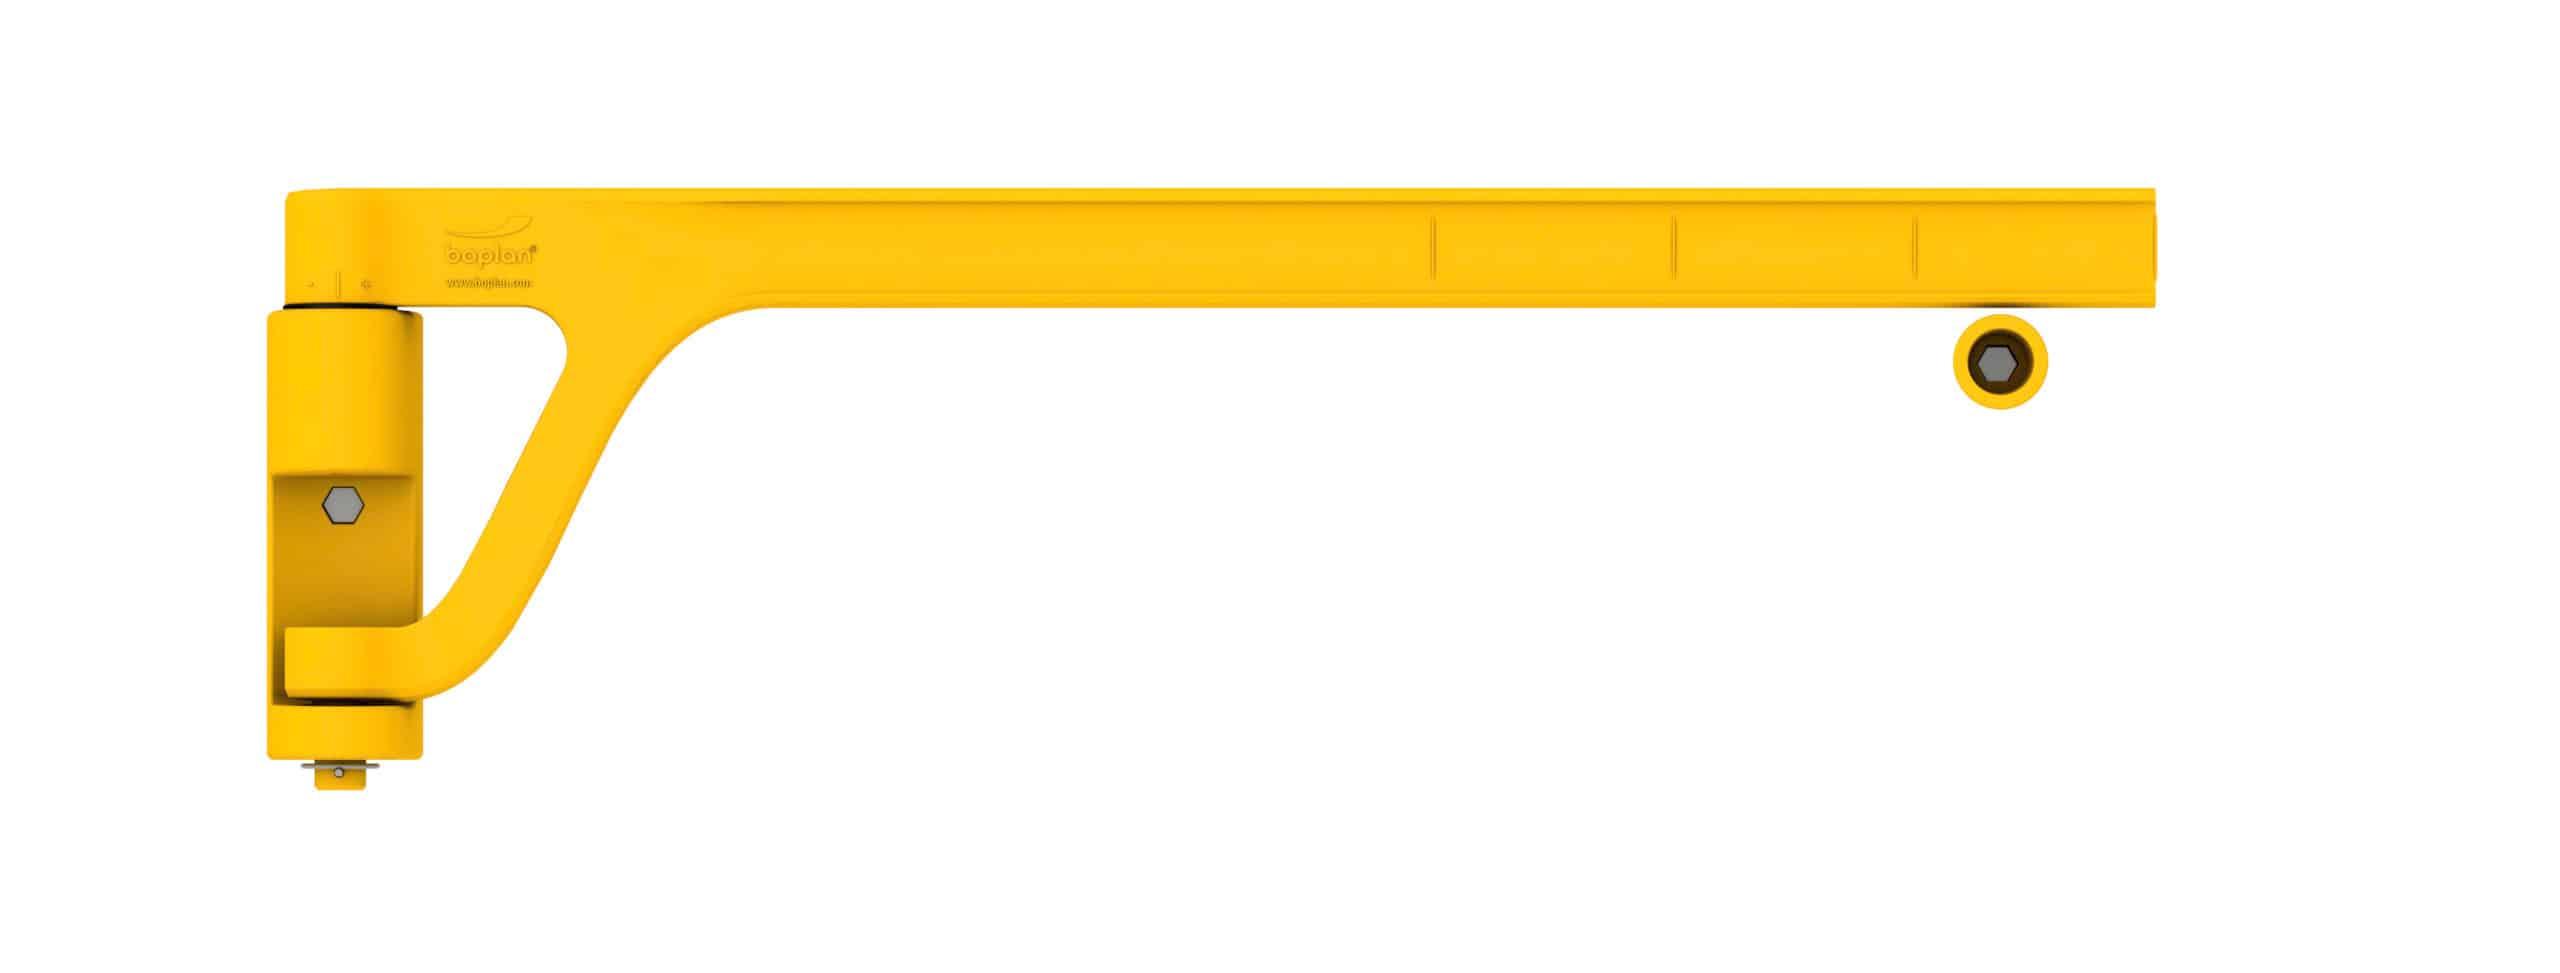 Sicherheitstür selbstschließende Absturzsicherung zuschneidbar boplan® Single Axes gate – Länge 940mm – gelb